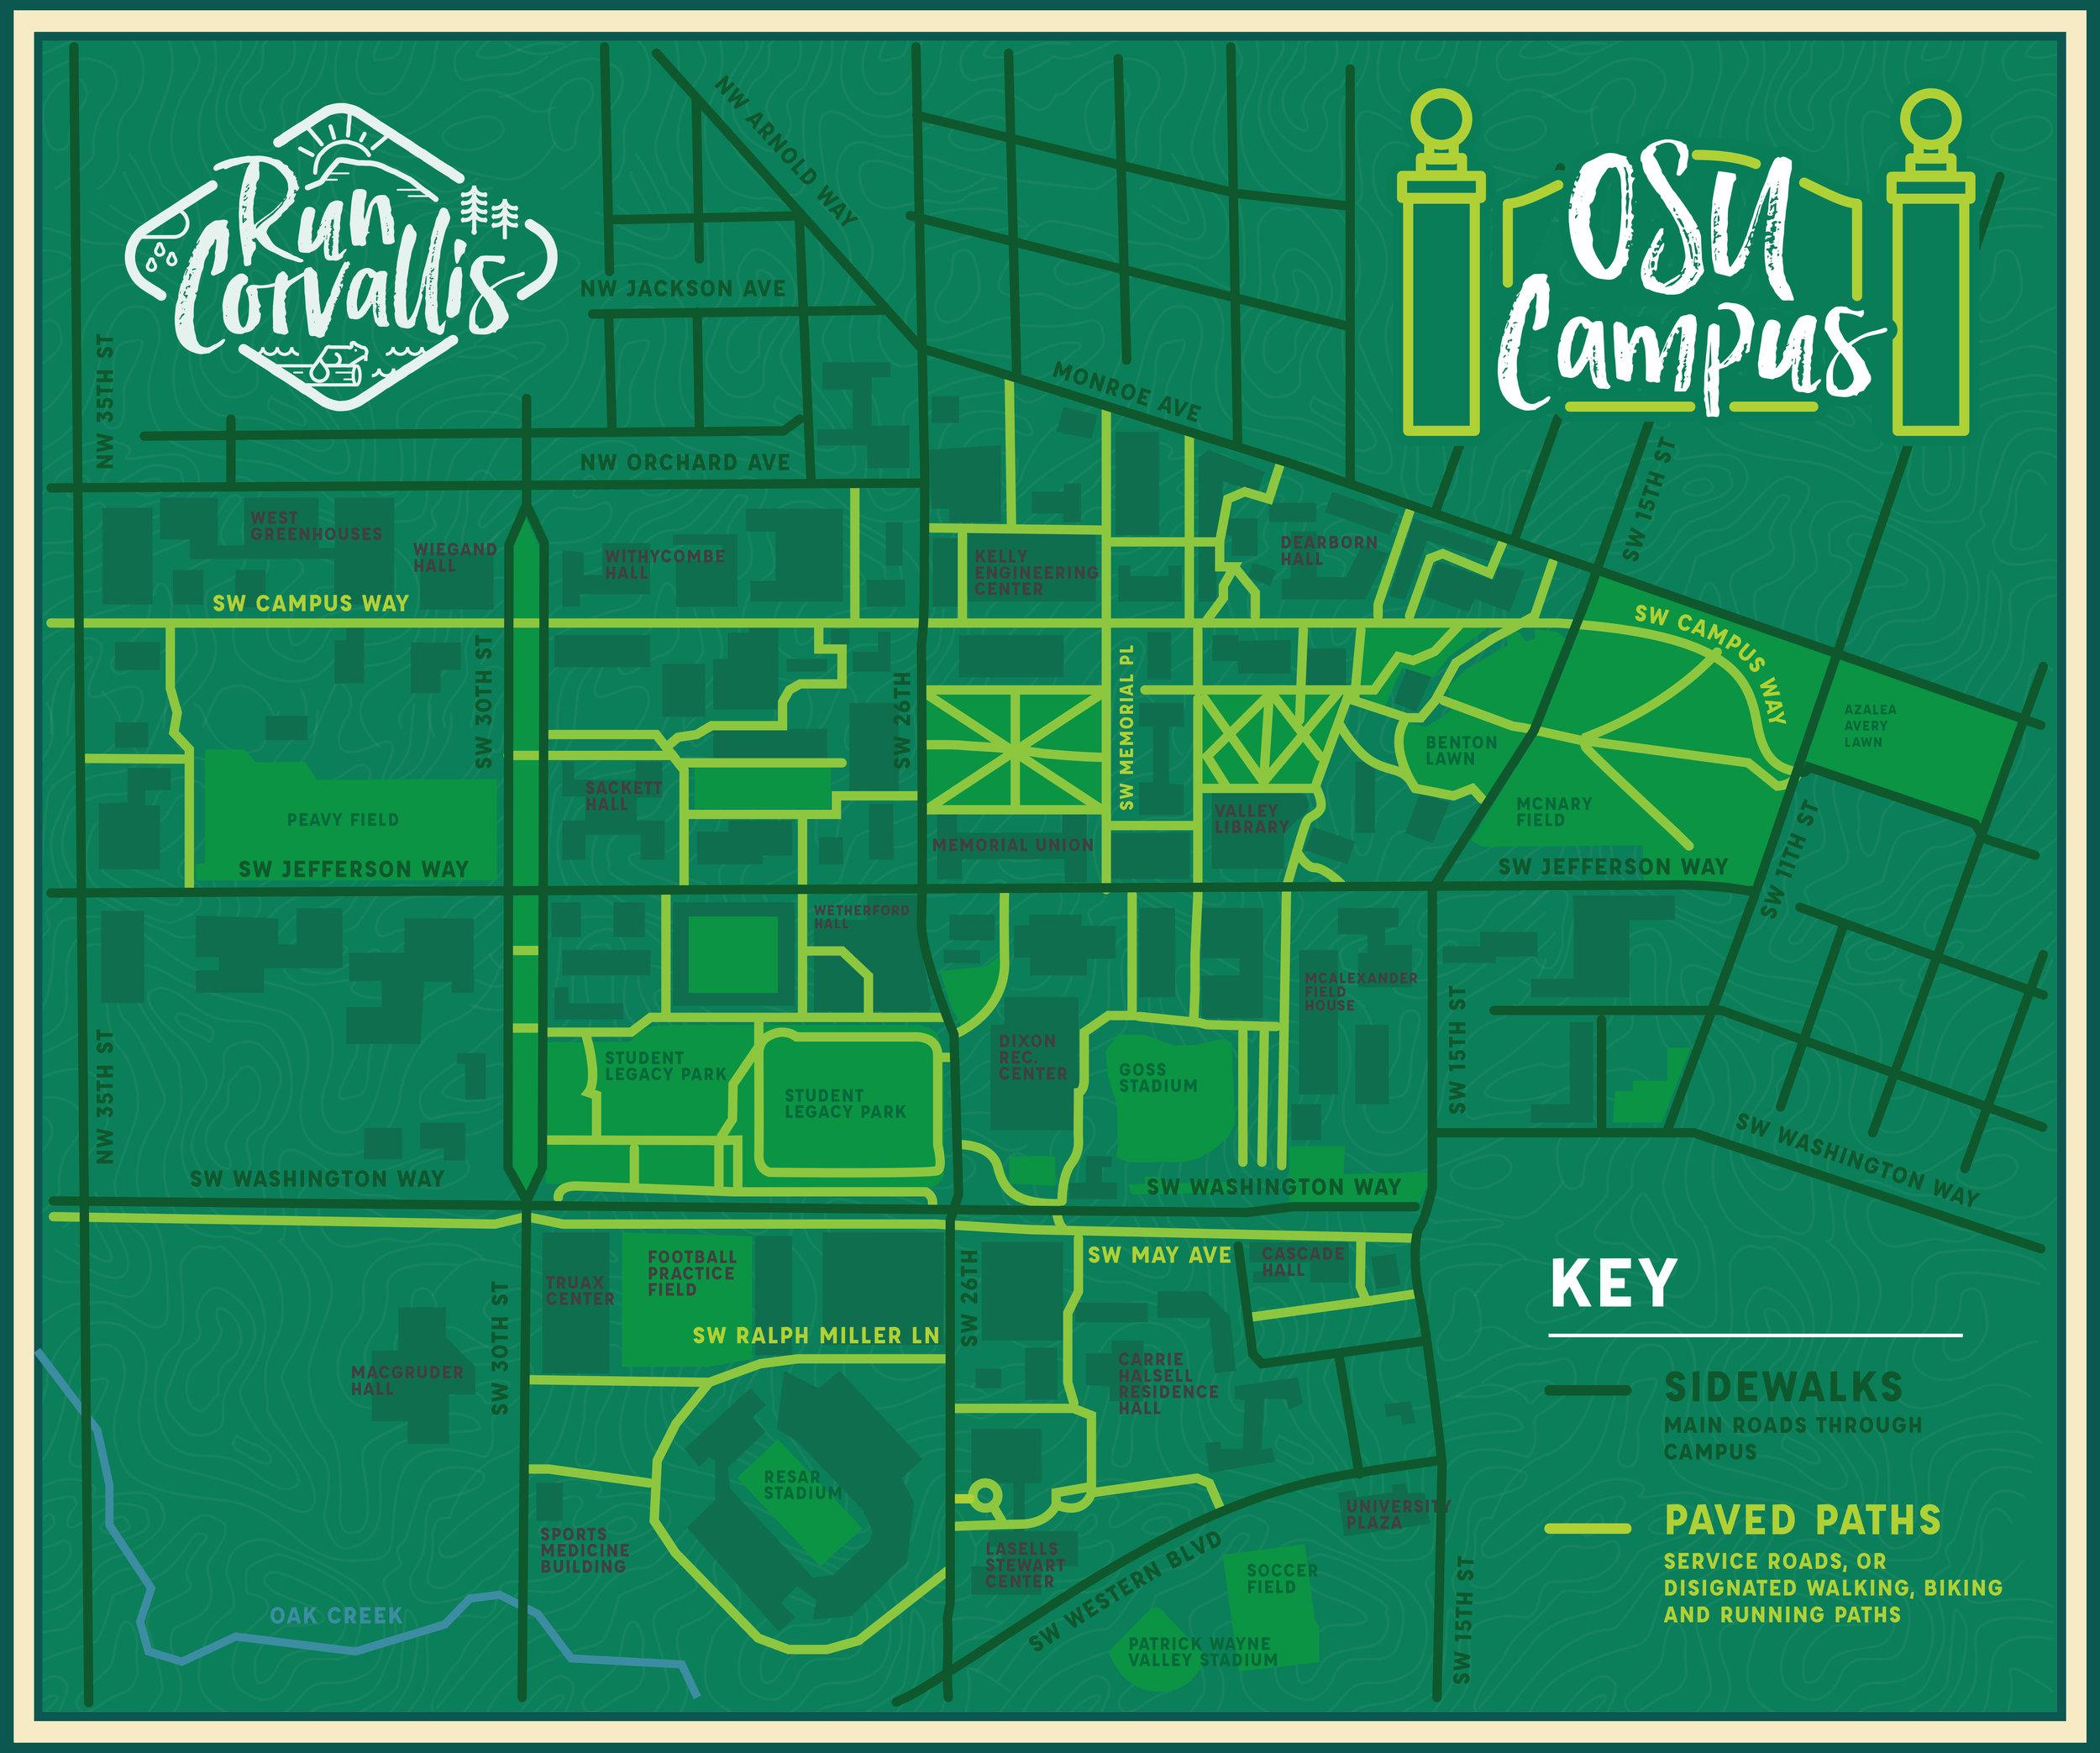 OSU Campus Map Final-2.jpg